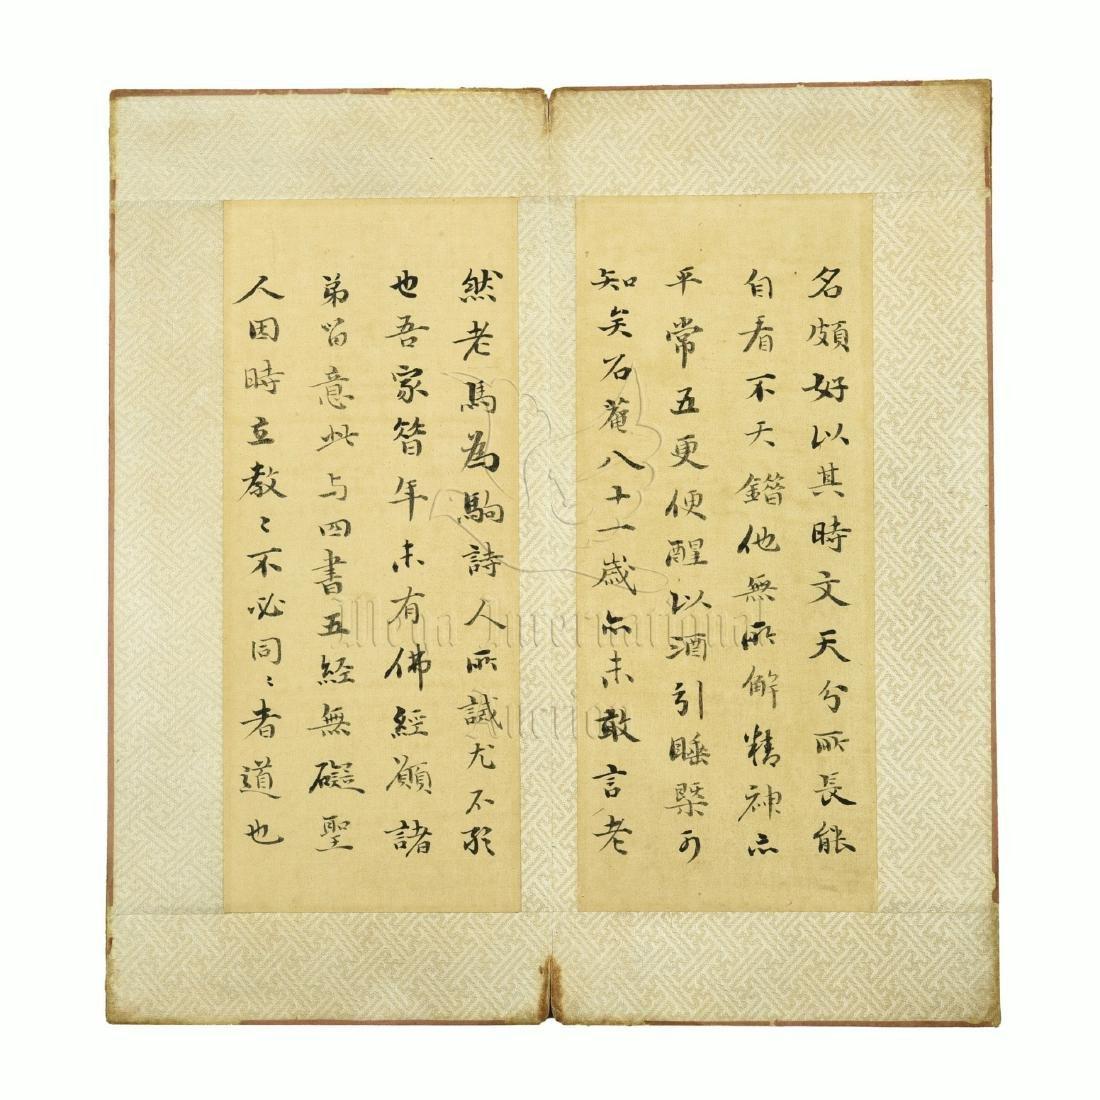 A FOLDED BOOK MANUSCRIPT - 20